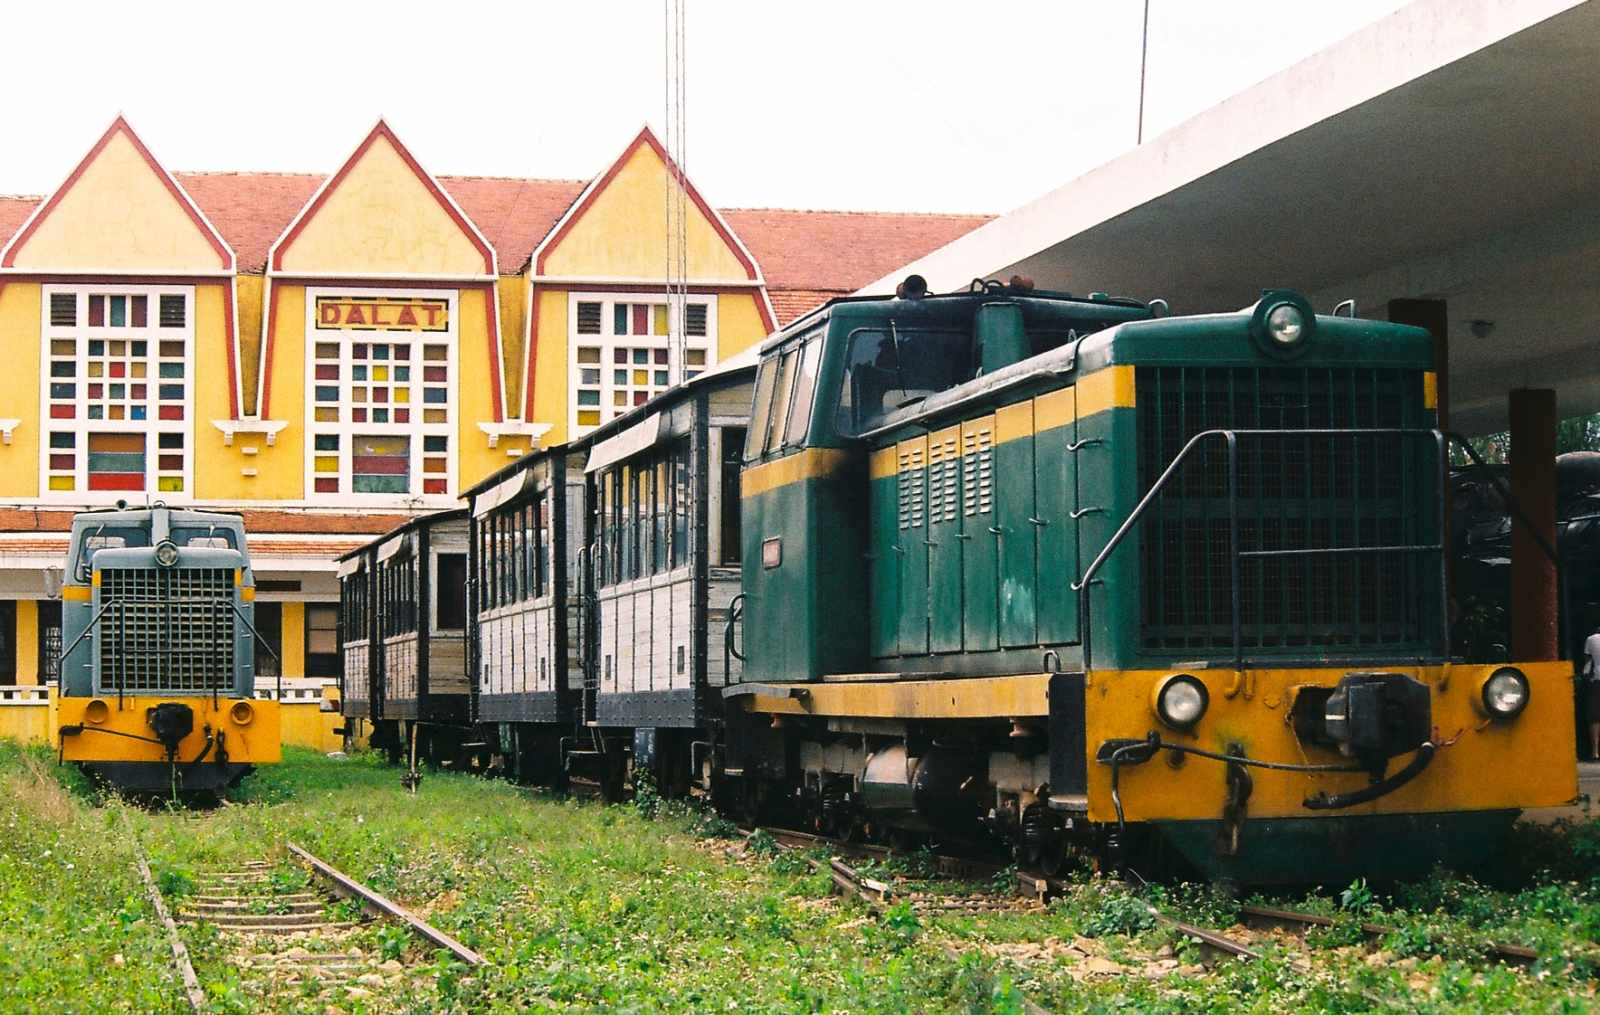 Tour Đà Lạt - Tham quan một trong những nhà ga cổ và đẹp nhất Đông Dương